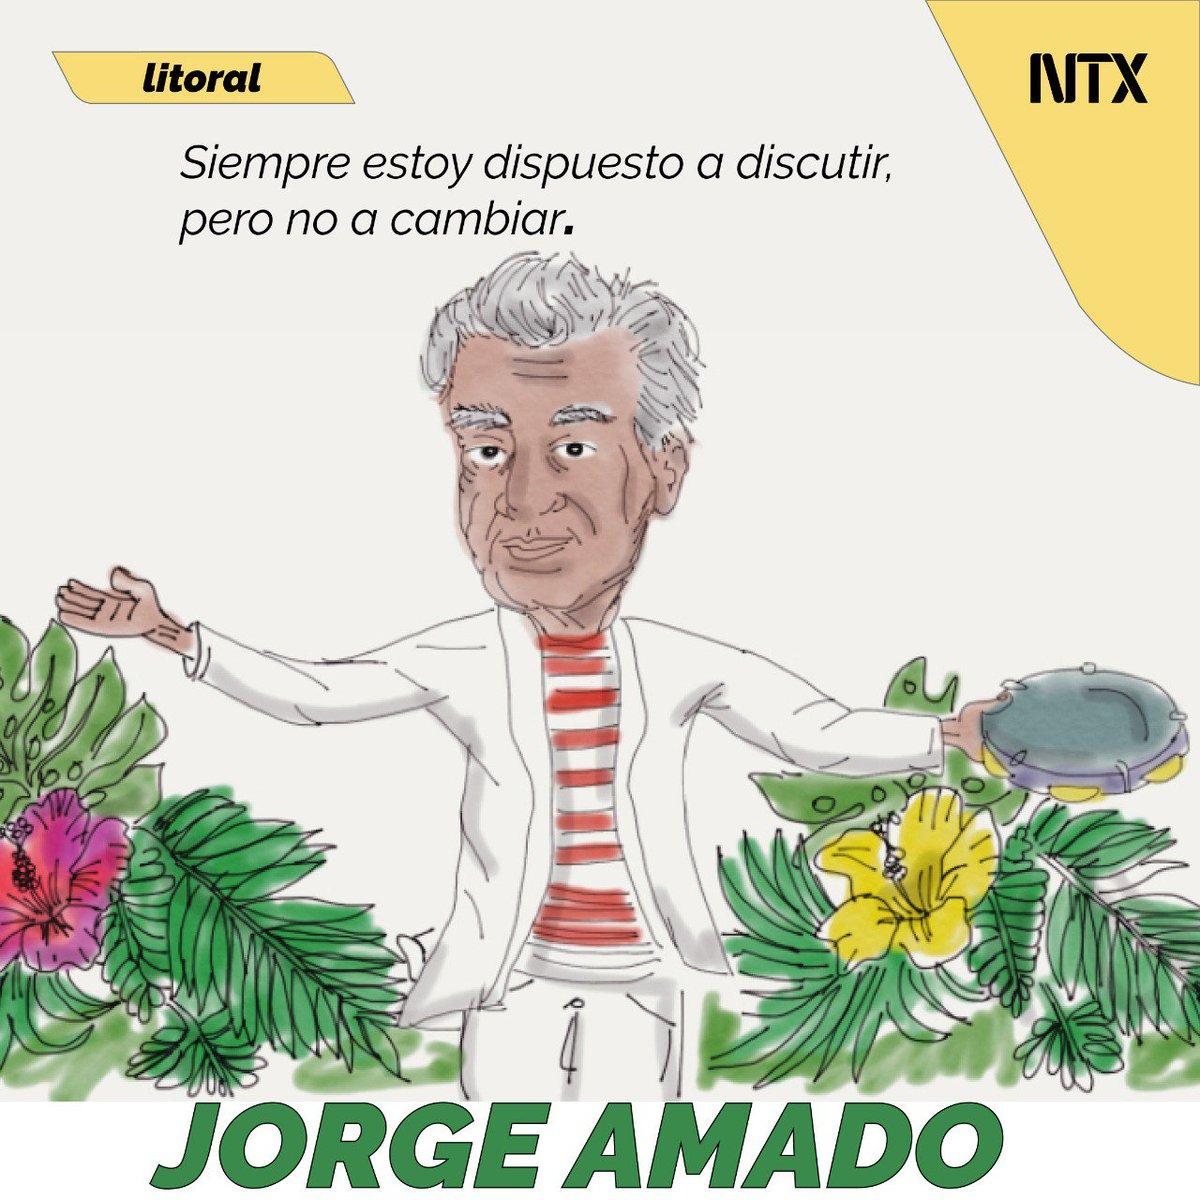 Hacer de la vida sencilla una obra literaria de proporciones universales fue la principal característica del escritor brasileño Jorge Amado. No te lo pierdas en #Litoral esta semana.➡️http://ow.ly/WKyb50x7XLj• #Notimex